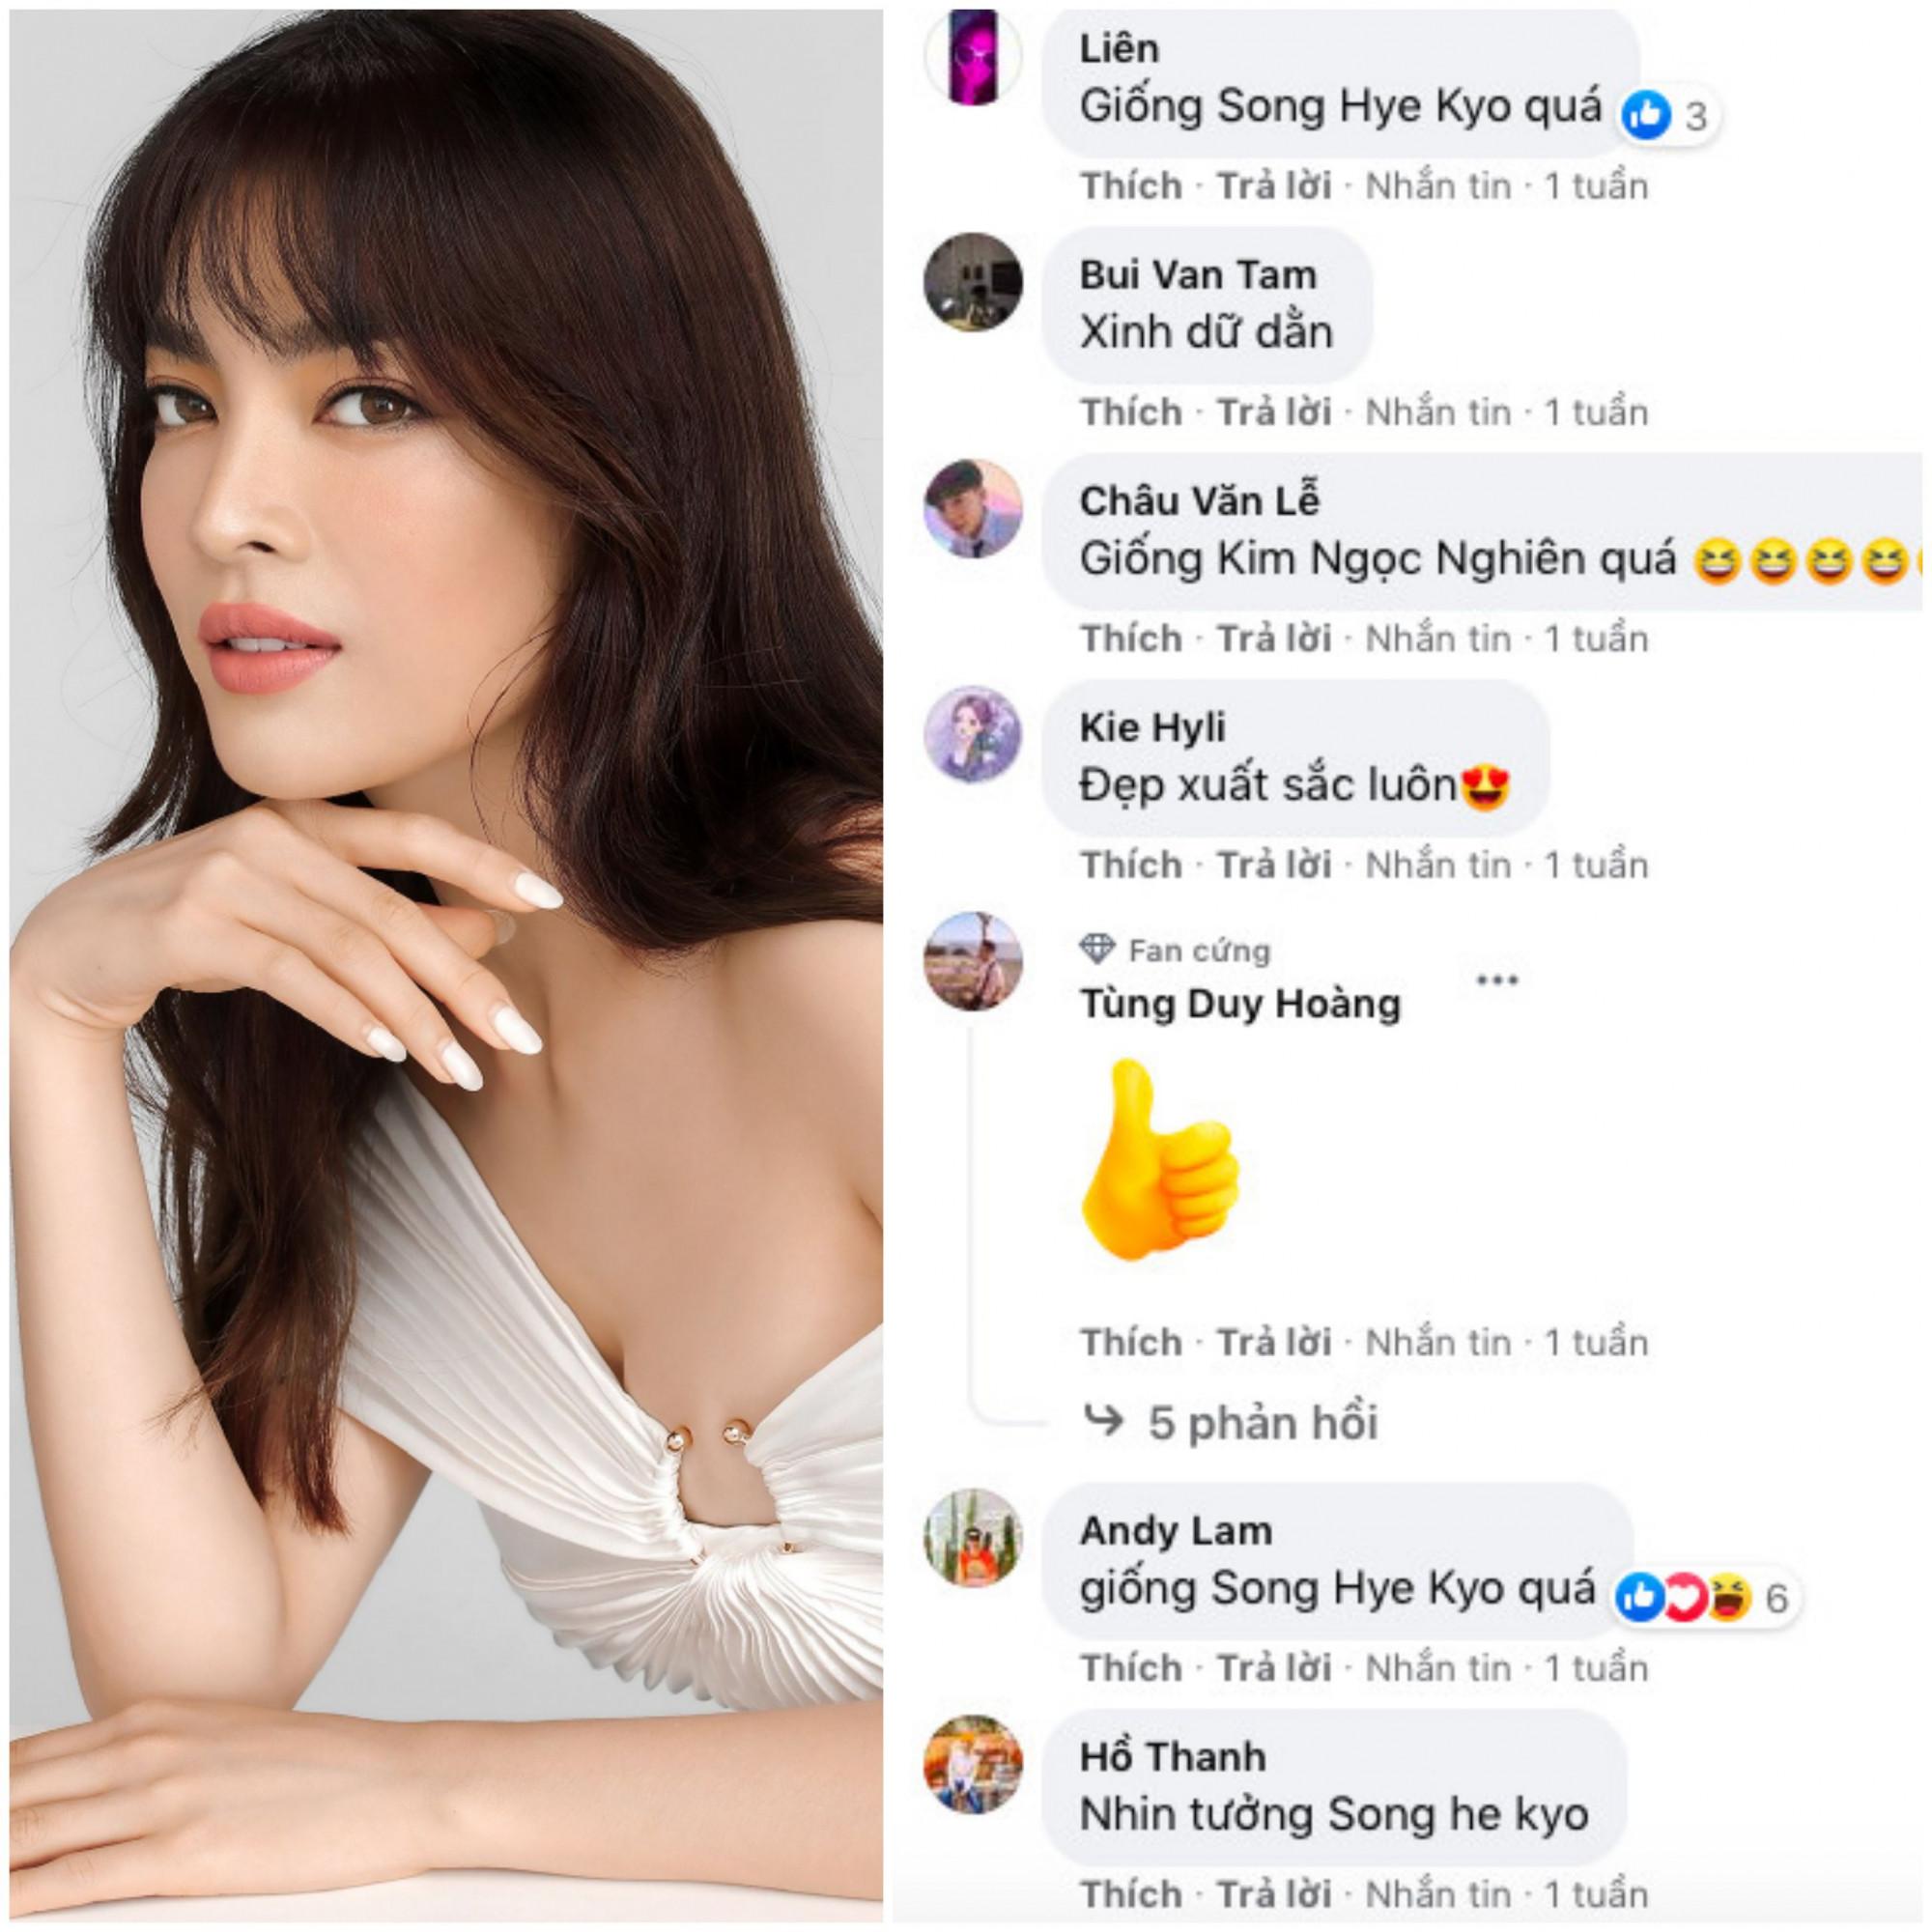 """Phù hợp và ưa chuông lối make up đậm chất phương Tây nhưng Trần Đài cũng nhiều lần khiến khán giả trầm trồ với nhan sắc trong veo khi sử dụng lối trang điểm """"sương sương"""" chuẩn phong cách Hàn Quốc. Thậm chí, nhiều khán giả còn bình luận cho rằng nét đẹp và cách makeup của Trân Đài khiến cô đẹp toả sáng như ngôi sao đình đám xứ Hàn Song Hye Kyo."""